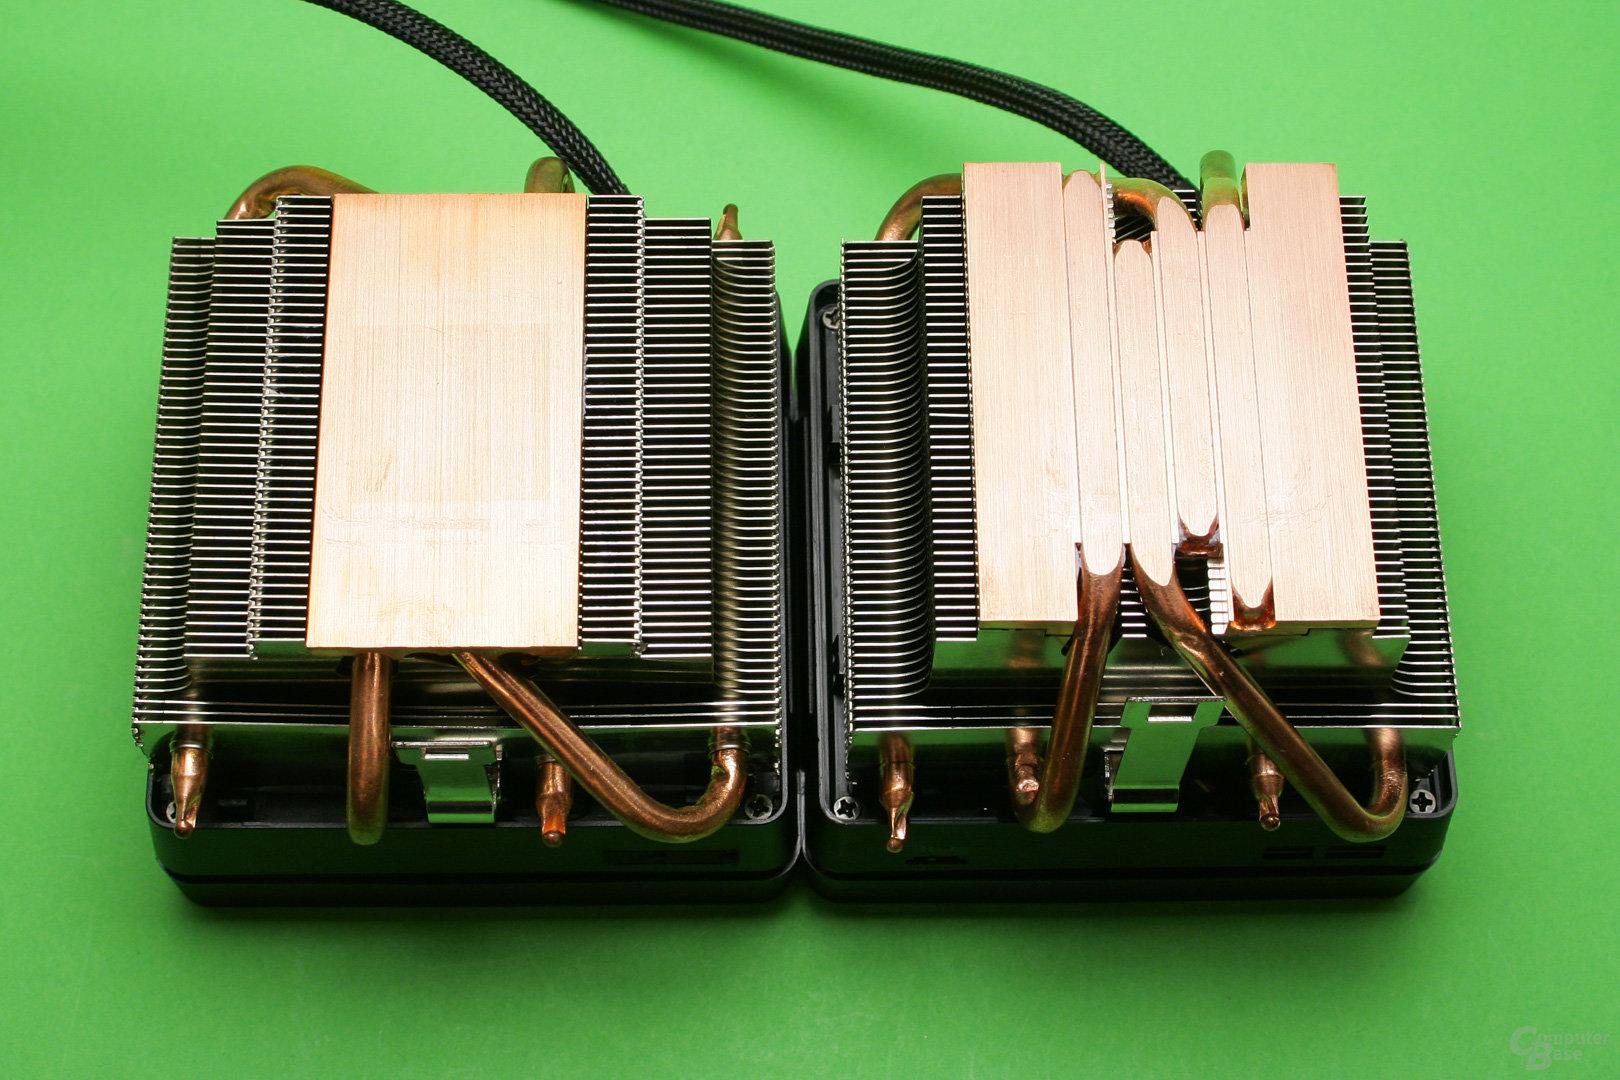 AMD Wraith Max (links) und AMD Wraith Prism (rechts) im Direktvergleich